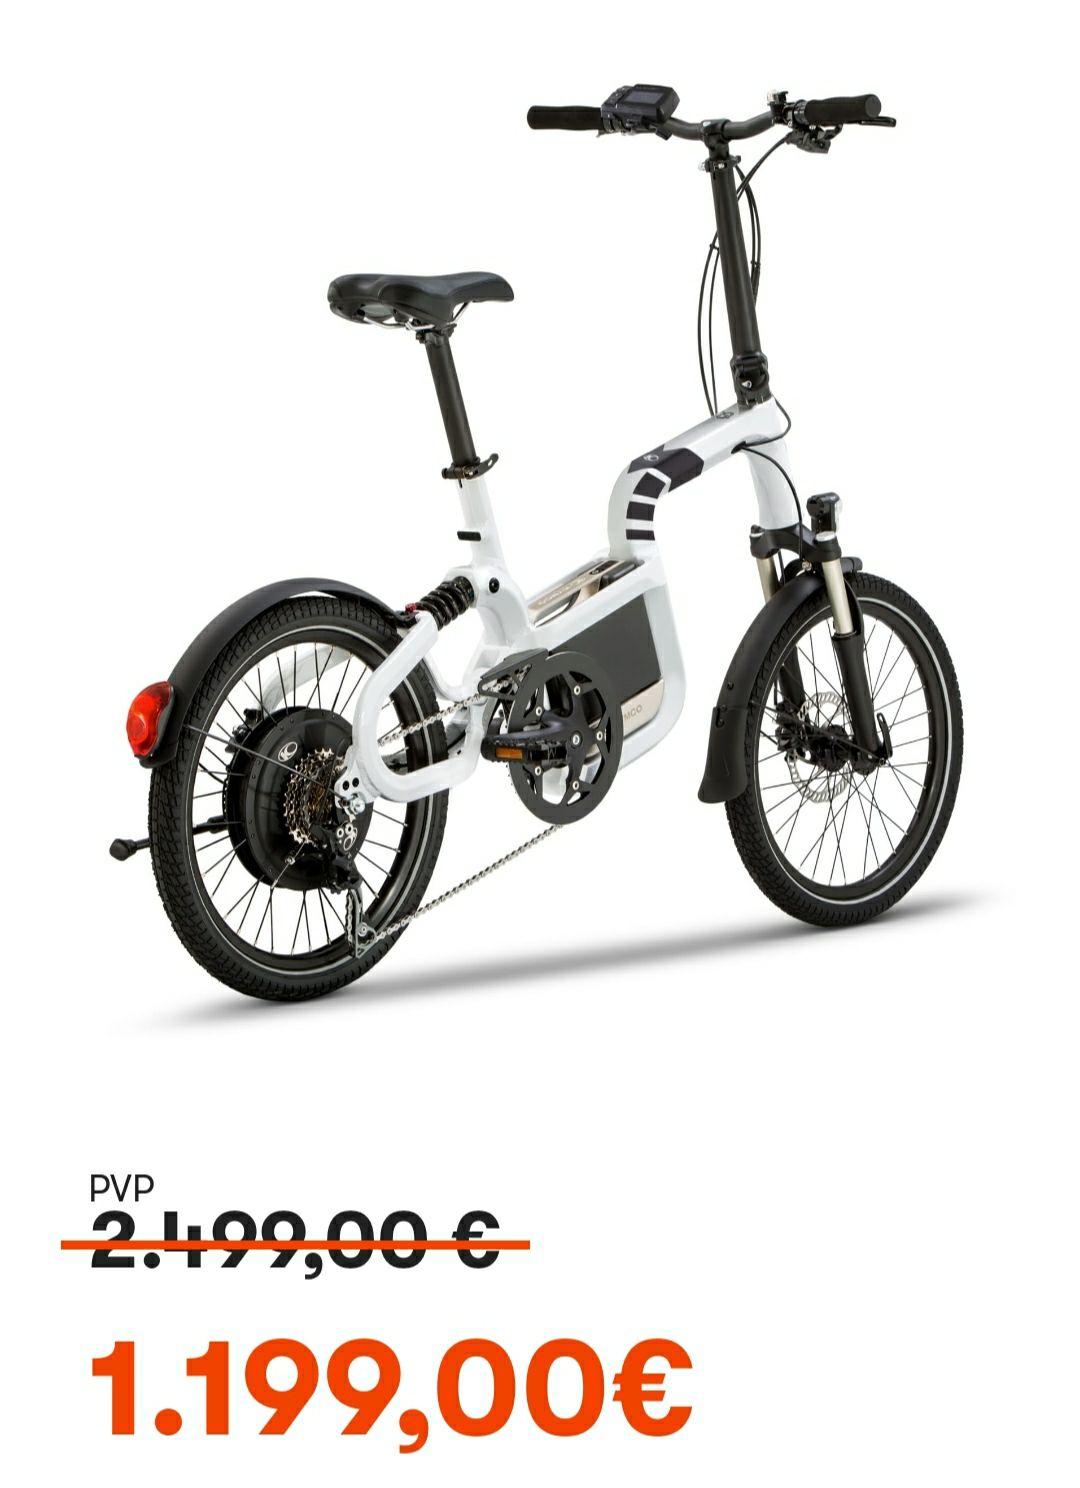 Bicicleta eléctrica Kymco Q